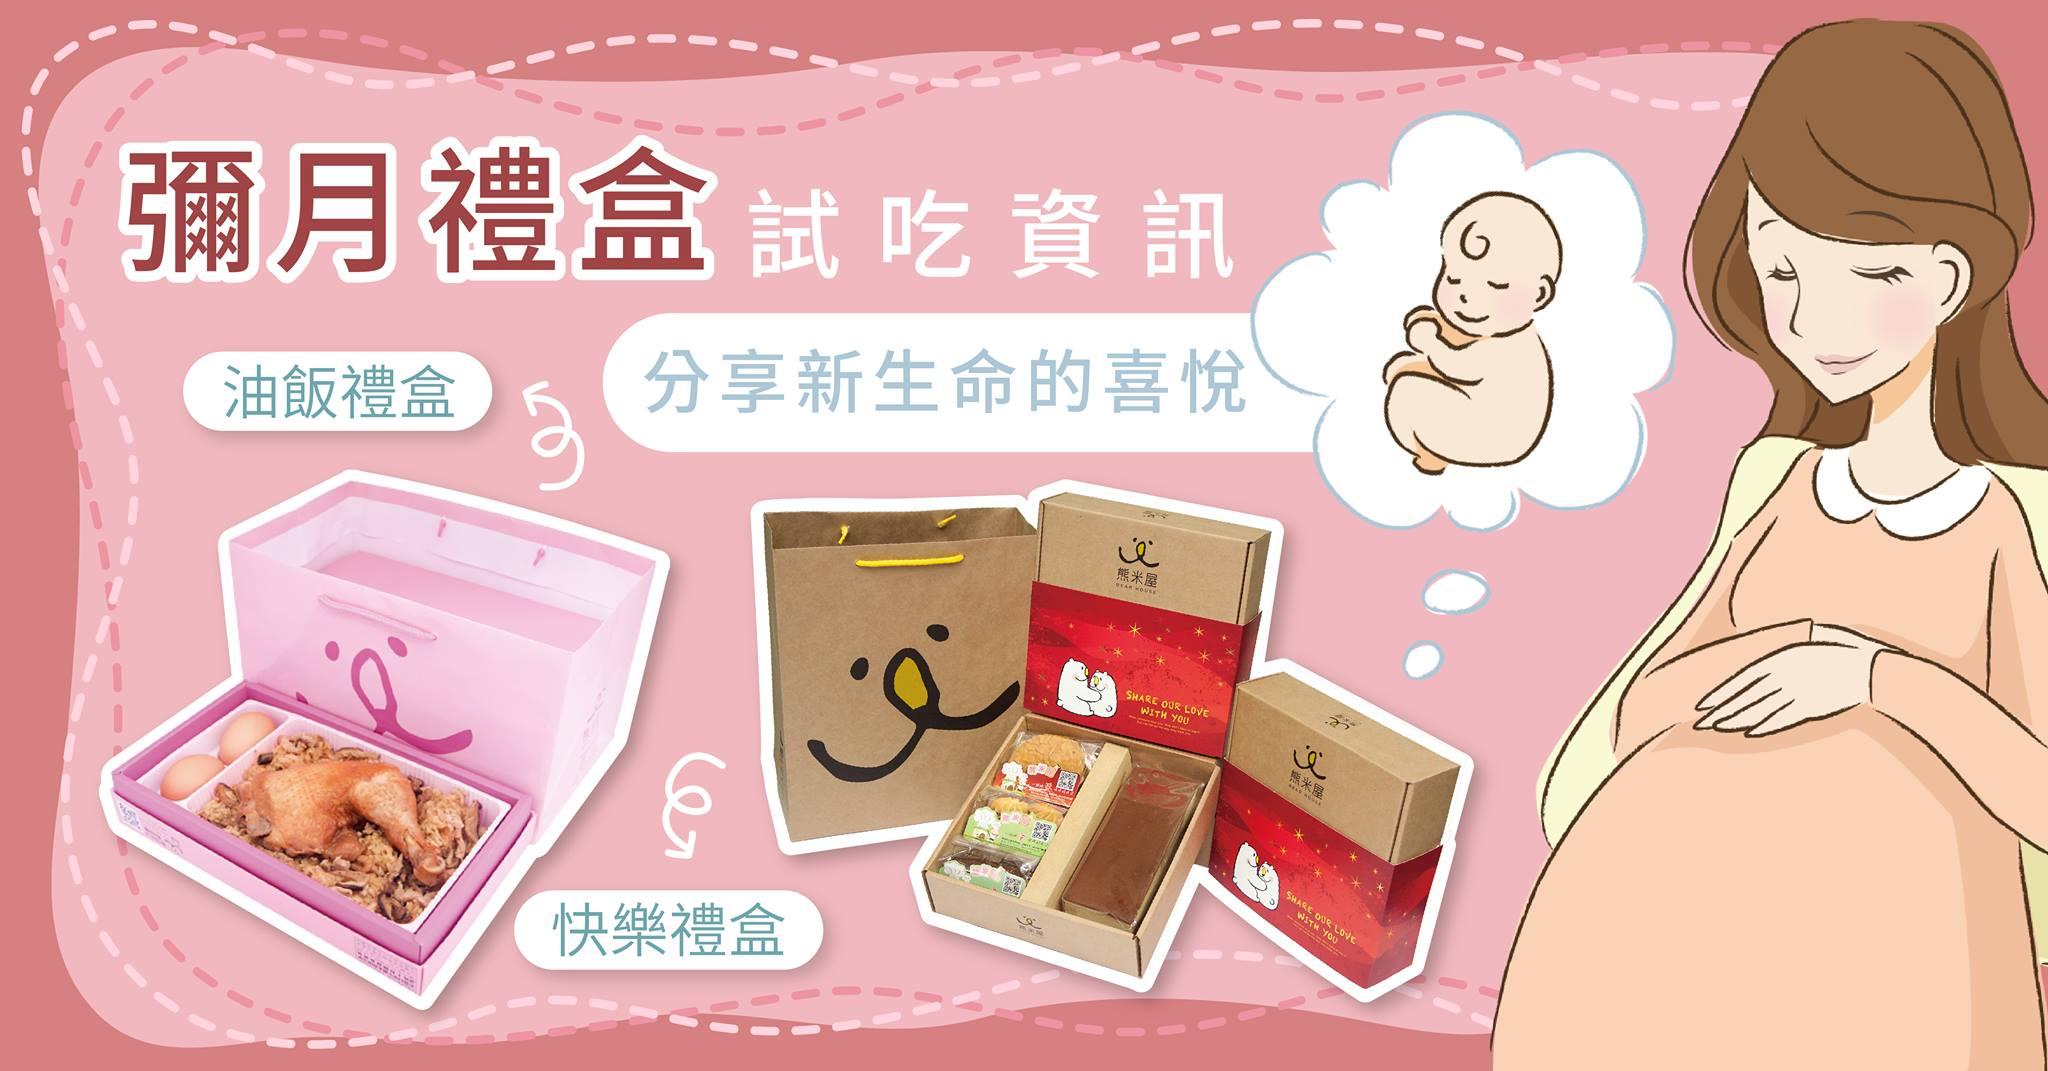 20180407【熊米屋的點心揭秘】彌月禮盒試吃懶人包